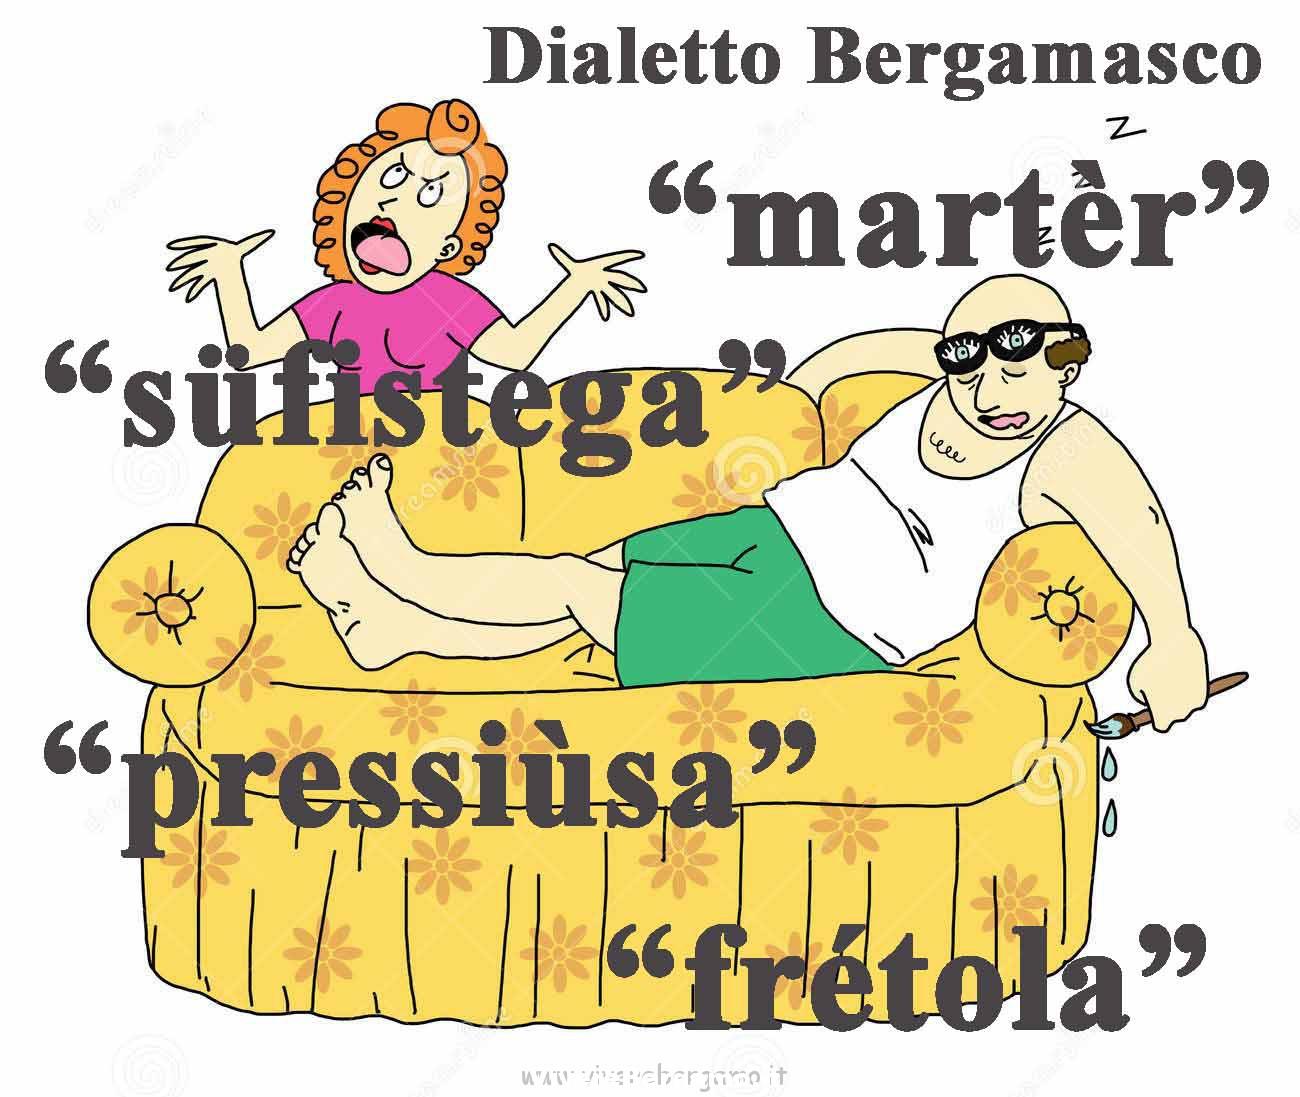 aggettivi spregiativi in dialetto bergamasco